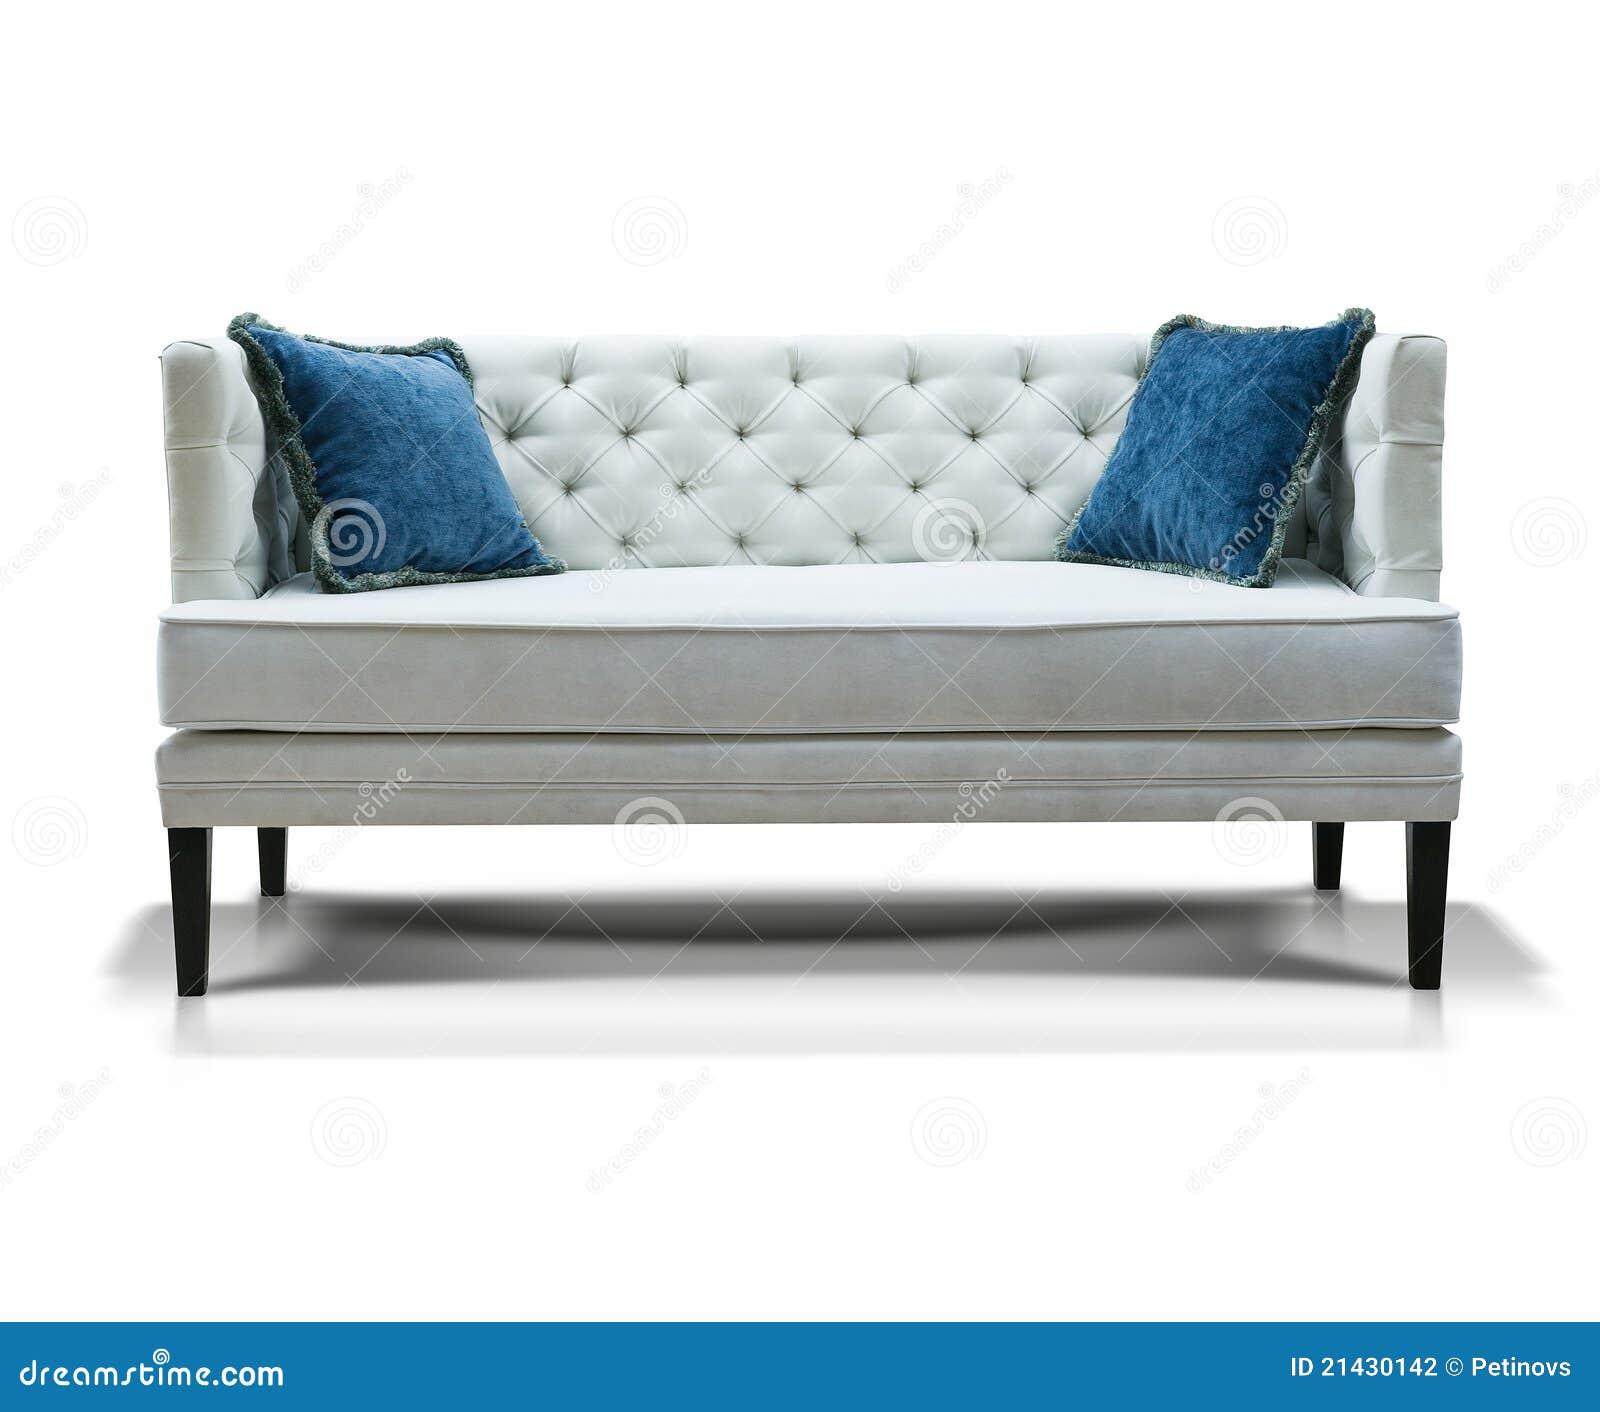 wei es sofa mit zwei blauen kissen stockfotografie bild 21430142. Black Bedroom Furniture Sets. Home Design Ideas